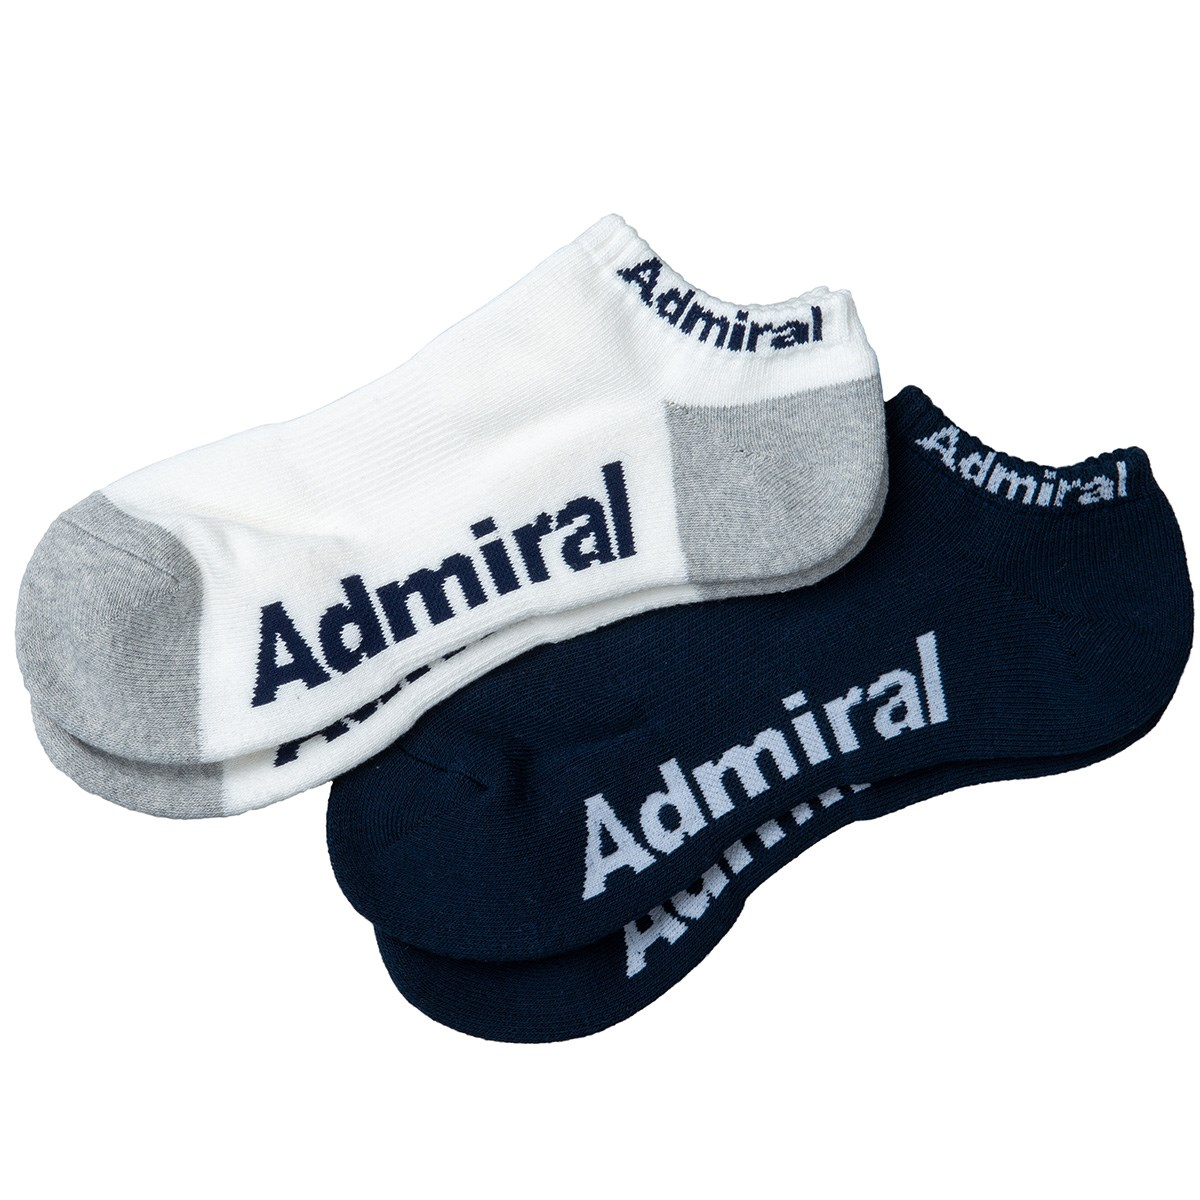 アドミラル Admiral ソックス 2足セット フリー マルチ 91